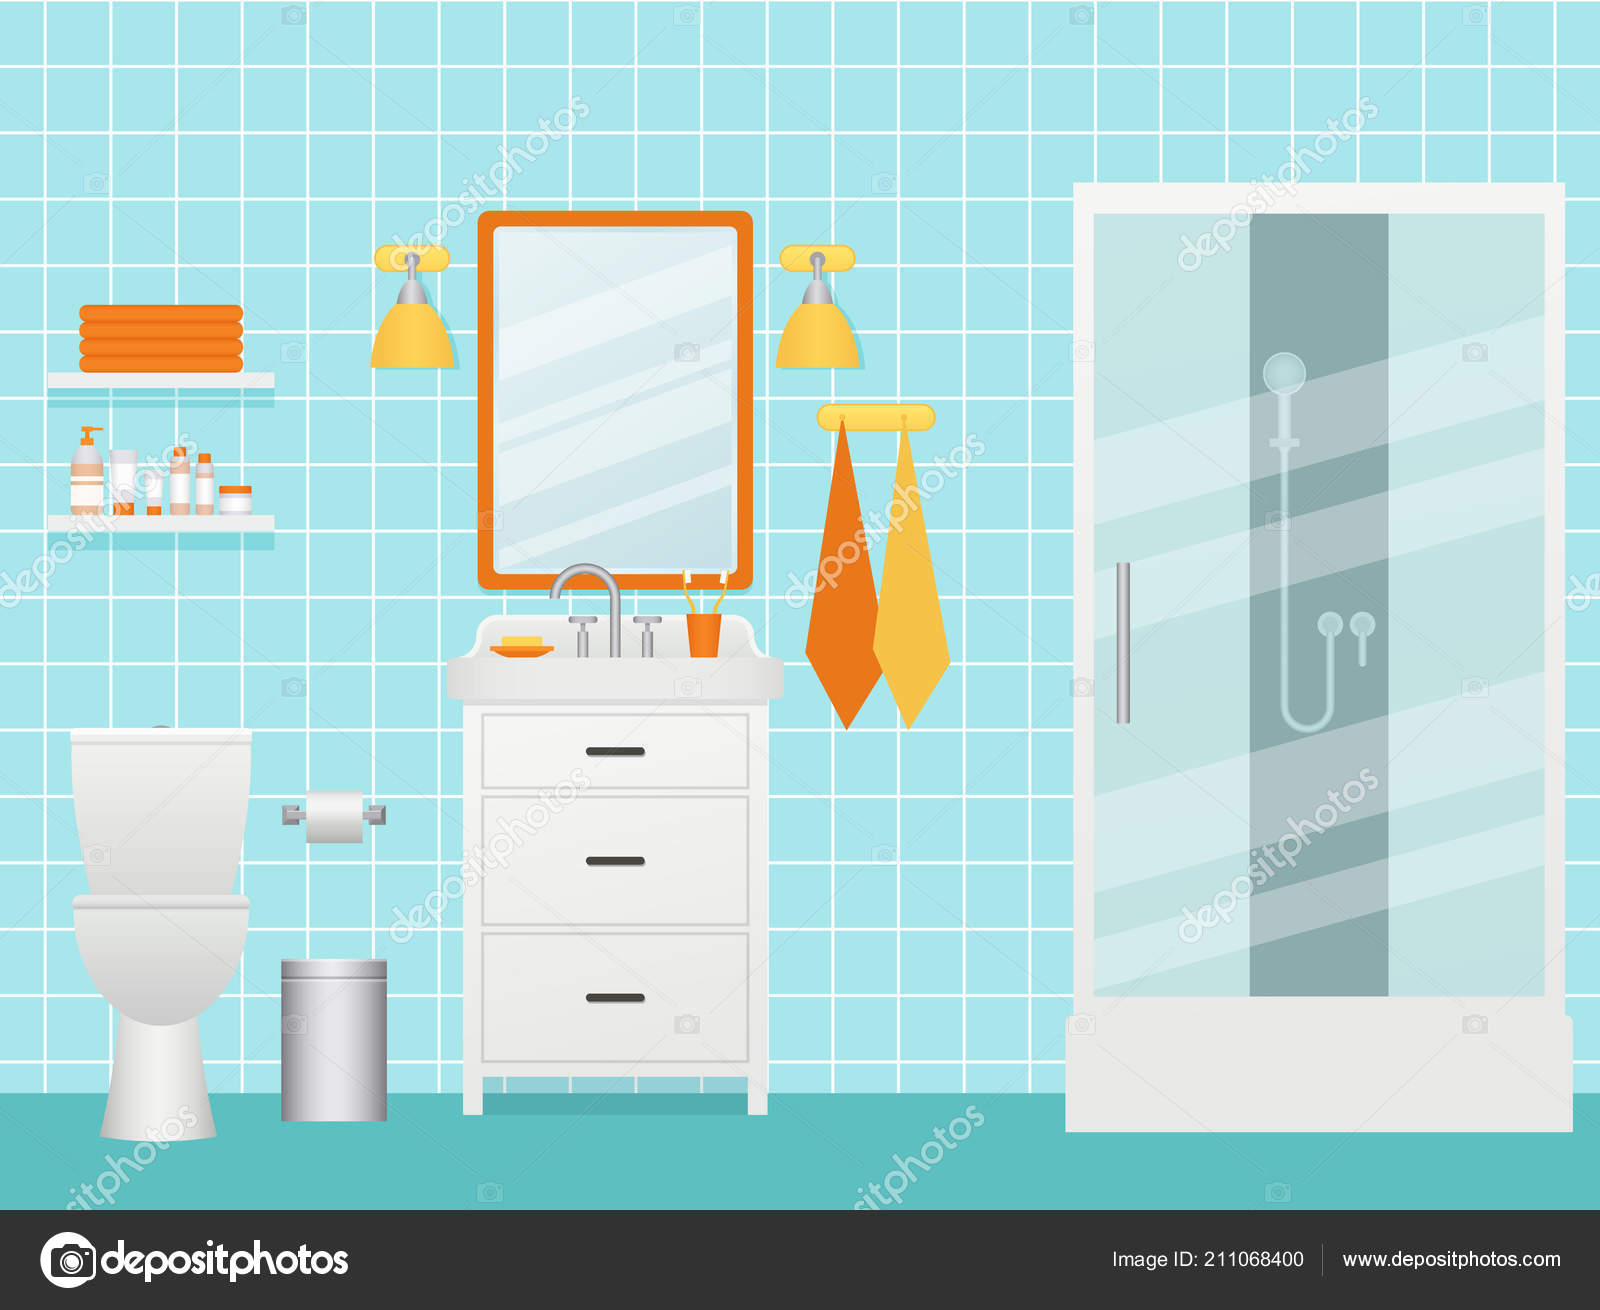 Dessin Salle De Bain bathroom interior vector cartoon room shower cabin sink